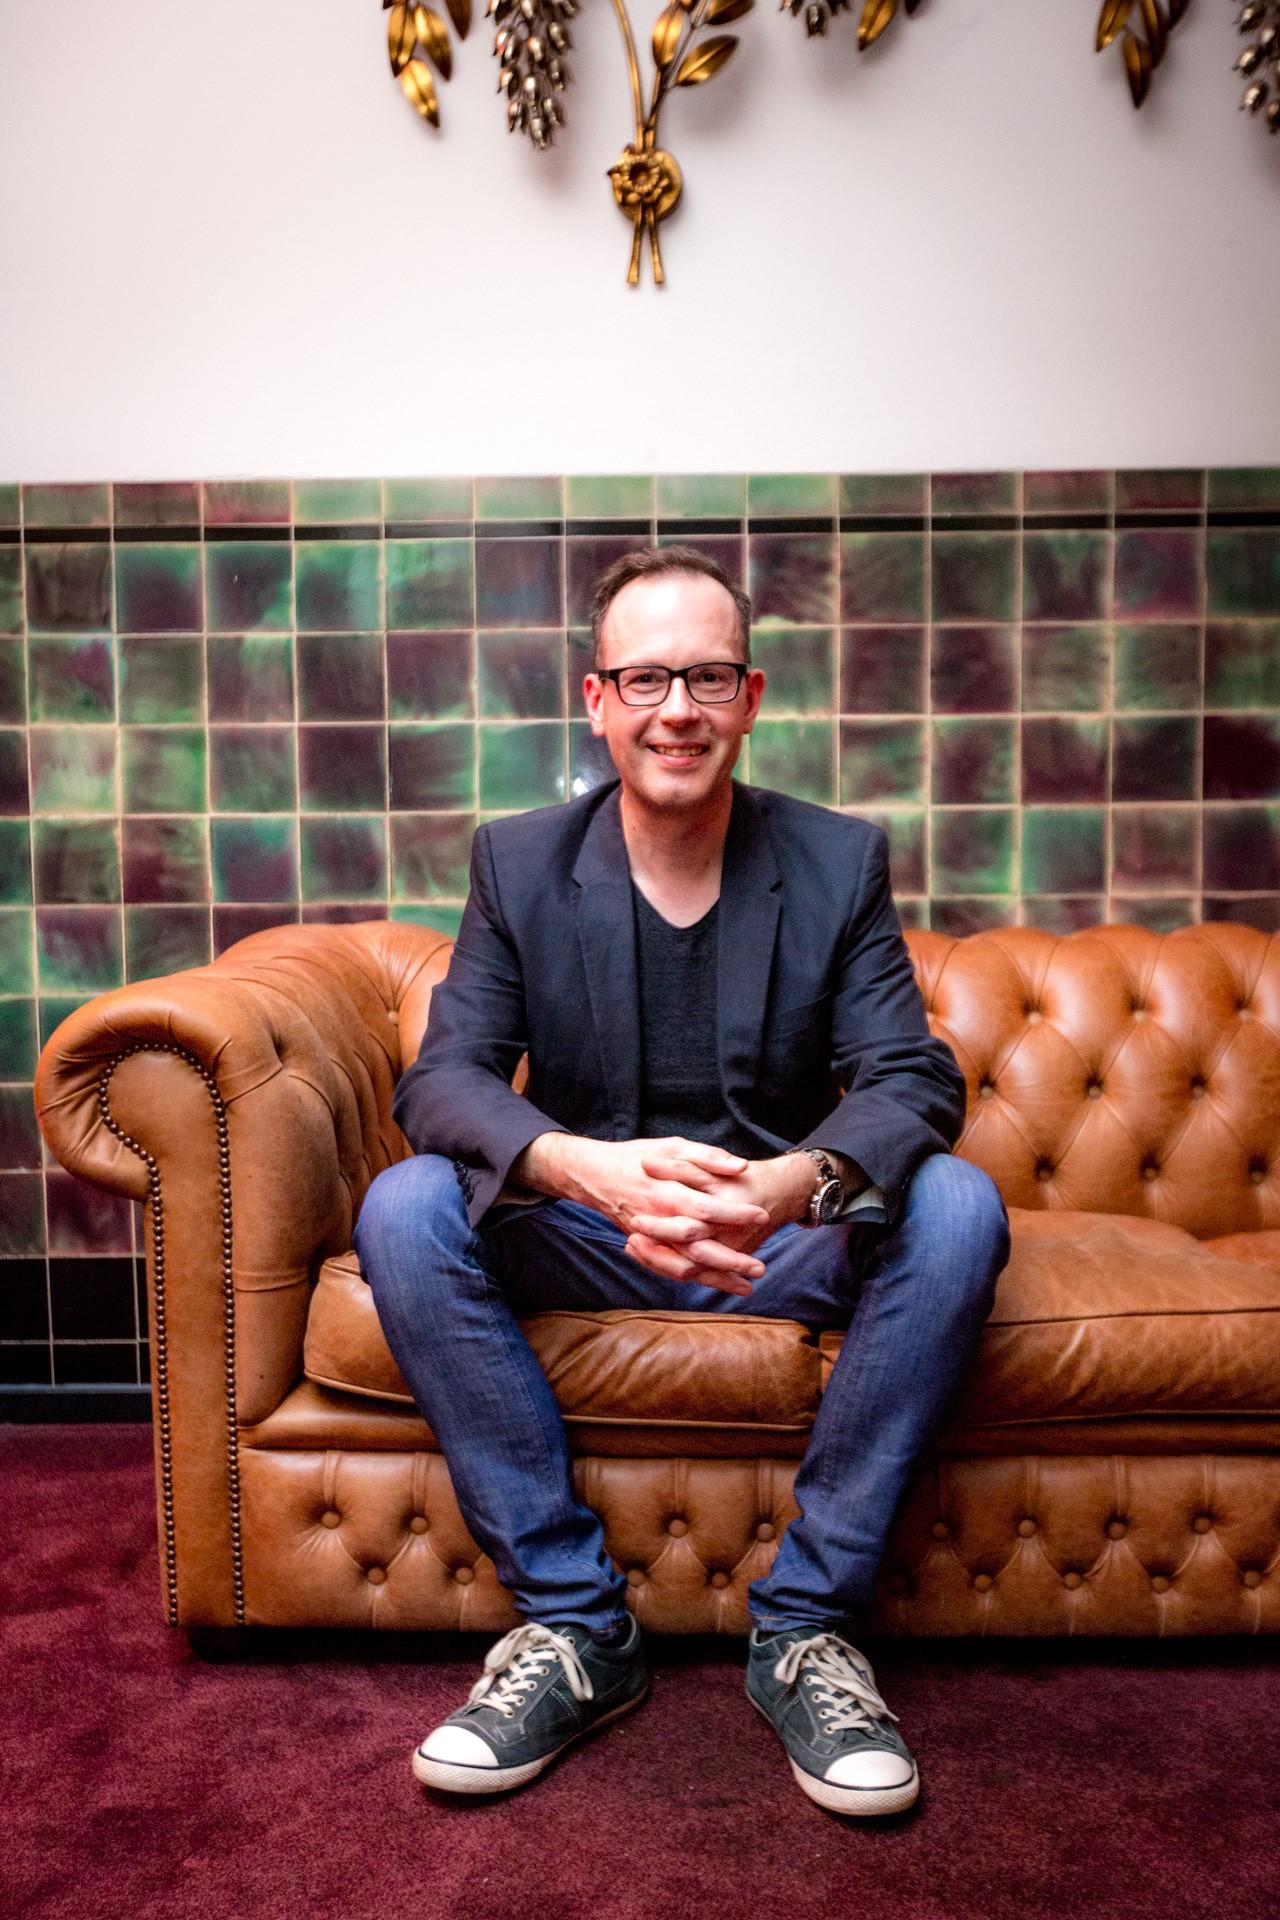 Rene Pera - Professioneller DJ aus Köln – gesehen bei frauimmer-herrewig.de